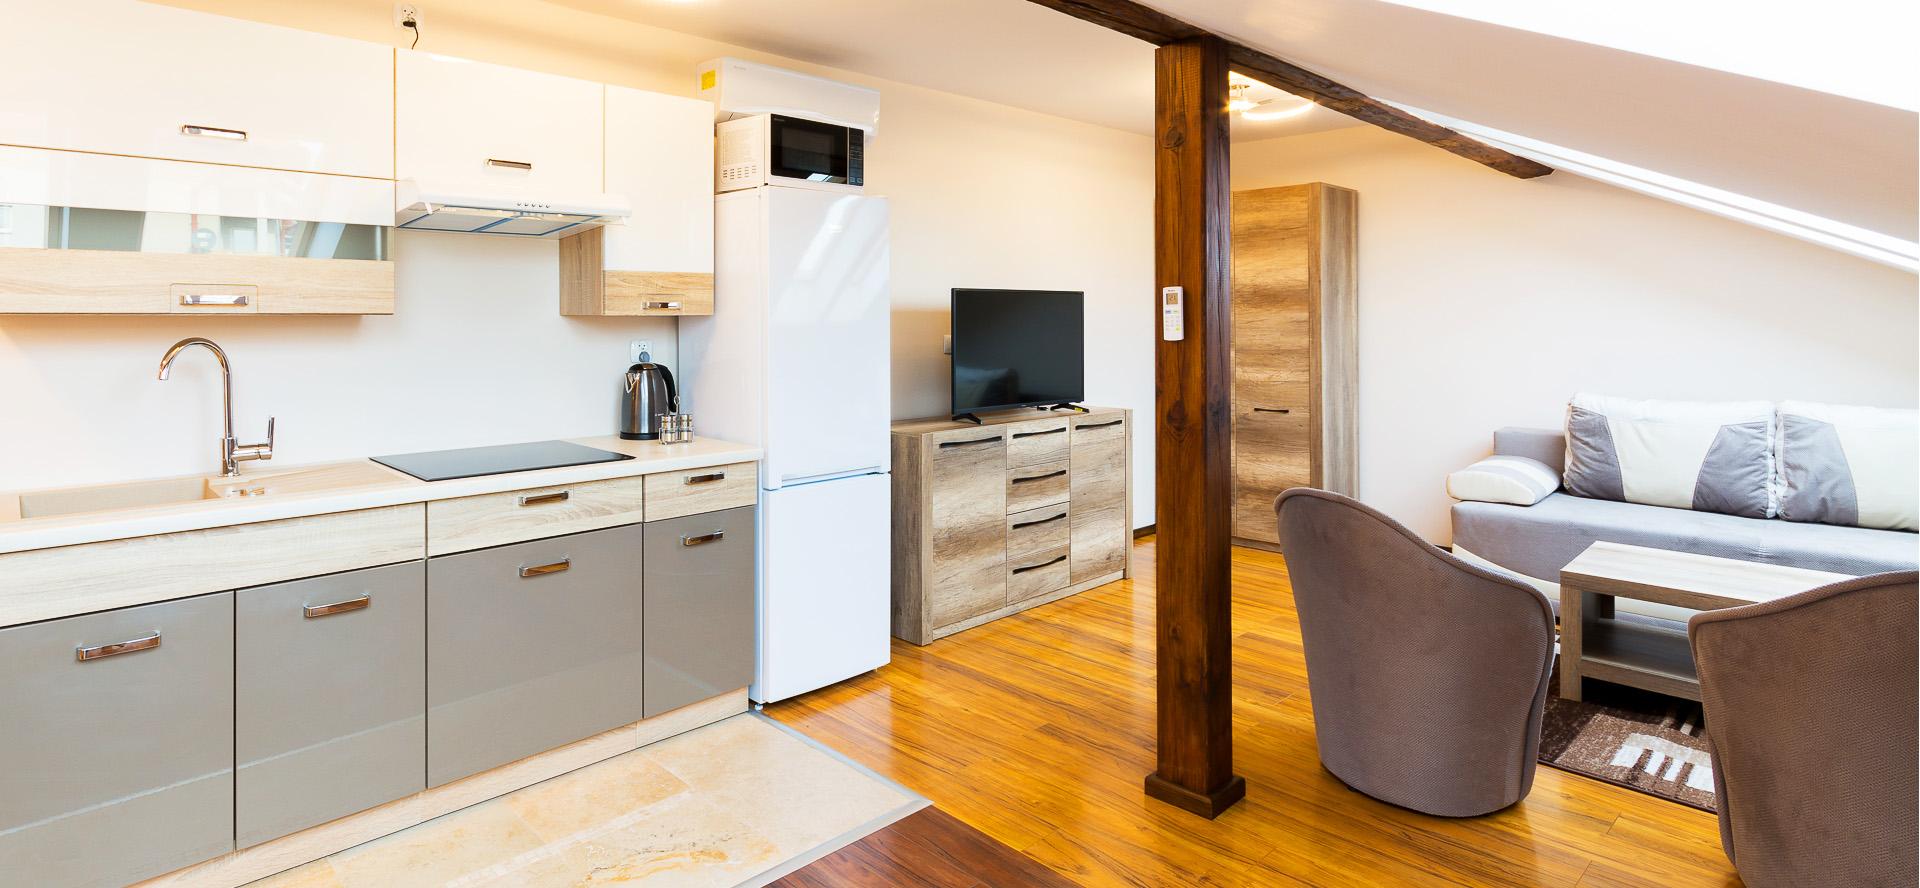 Witamy w Apartamentach Galicja